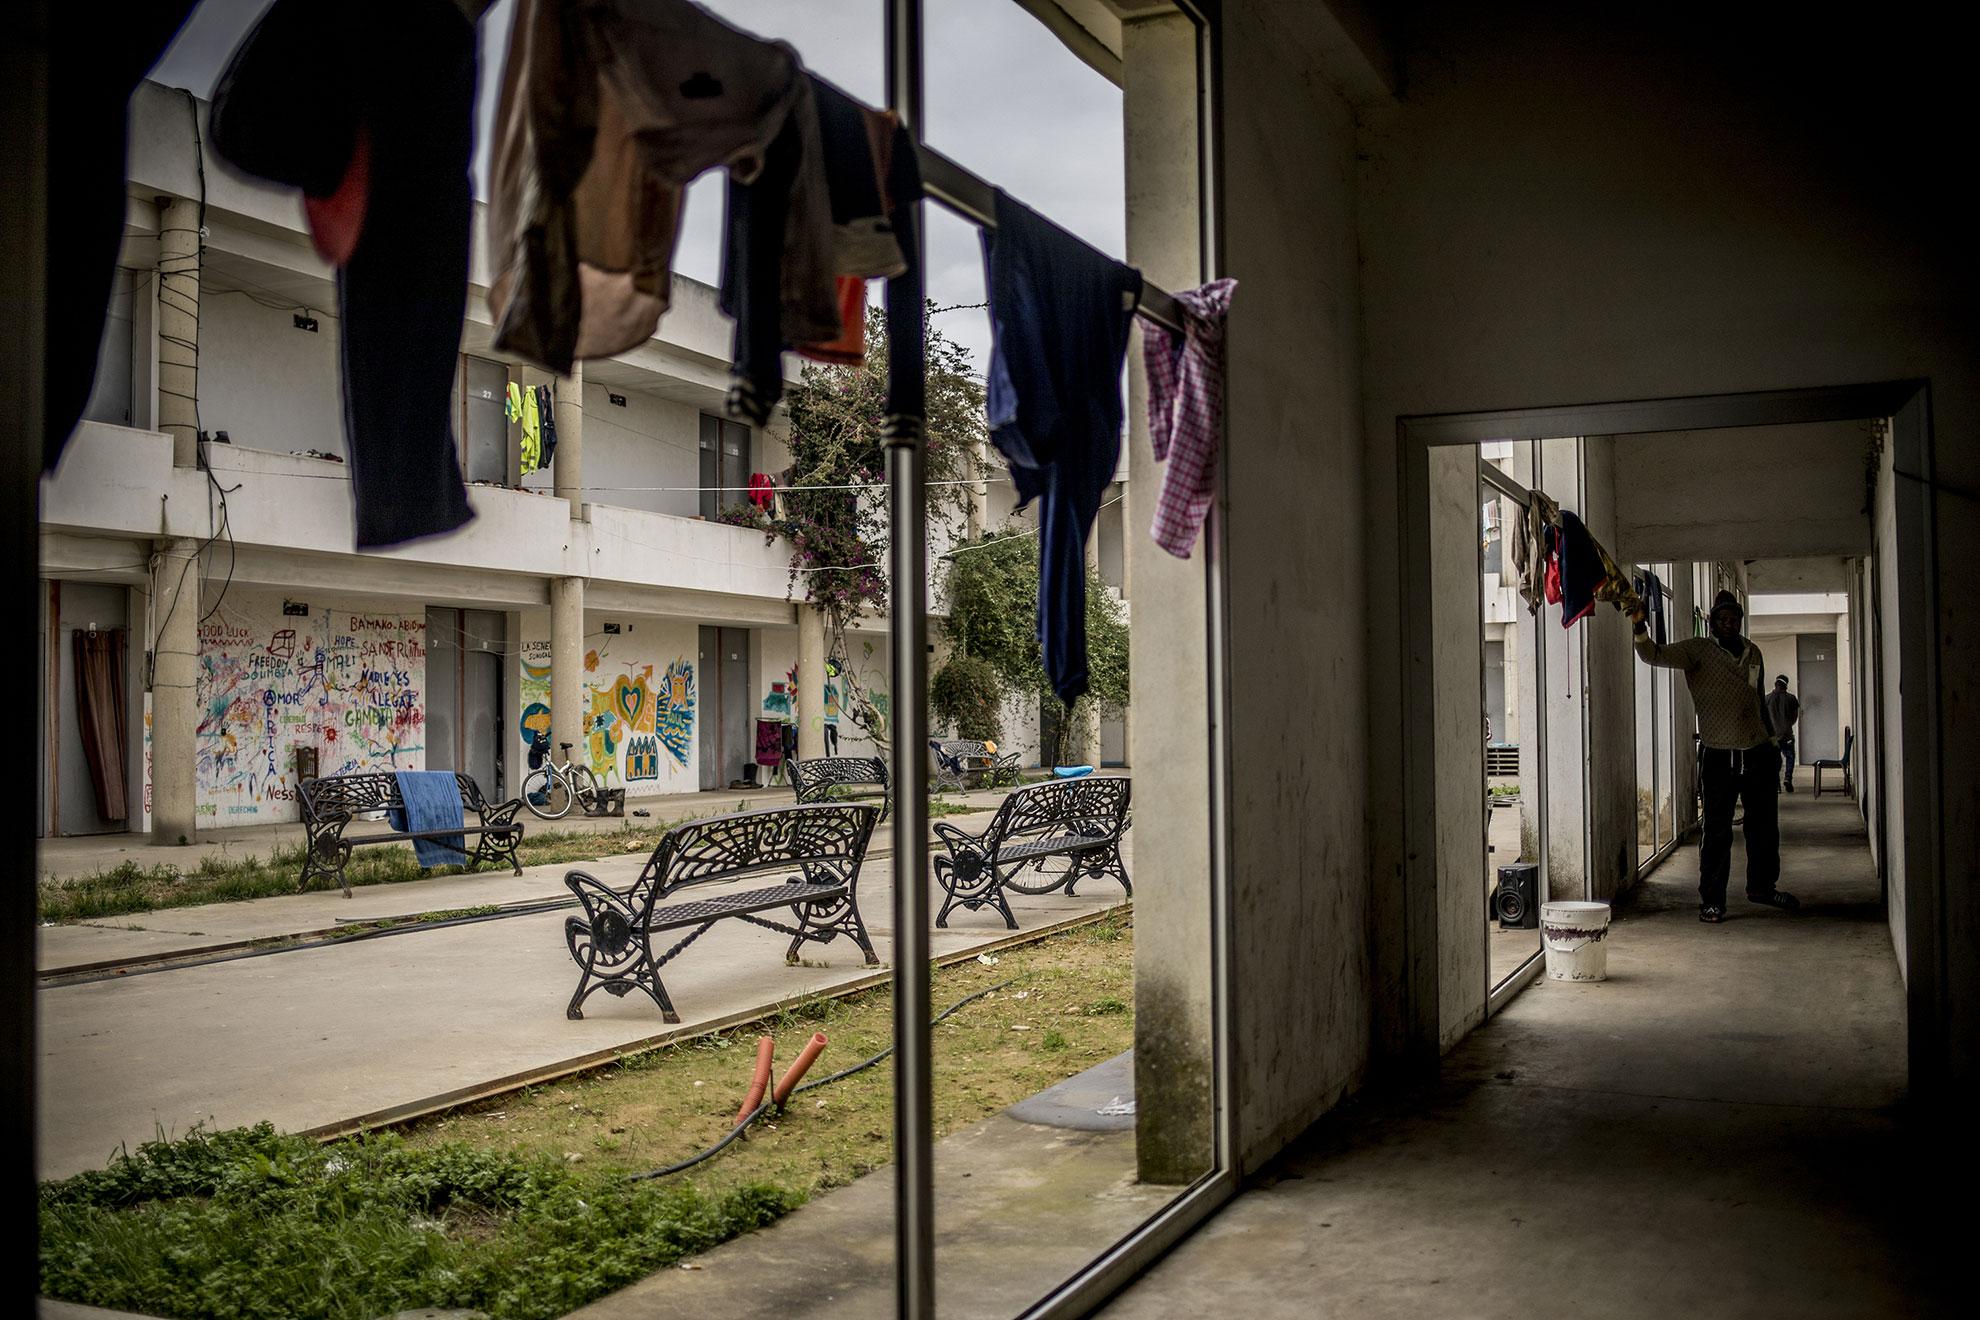 El albergue de inmigrantes frustrado de Lepe, Huelva, que está ubicado en en el polígono industrial El Chorrillo, tuvo un presupuesto de 1.300.000 euros. El centro, inicialmente, contaría con unas 300 camas y una zona exterior para 500 personas en acampada. La obra que se llevaba a cabo por el Ayuntamiento se paralizó a punto de finalizarse, el Alcalde argumentó que no era competencia del ayuntamiento sino del gobierno andaluz, quedando vacío y sin uso desde entonces. A finales de 2019 un grupo de los 1.400 trabajadores migrantes que viven en asentamientos chabolistas lo ocuparon hartos de sufrir las inclemencias del tiempo en chabolas de plástico y cartón. Hoy en día sigue habitado por estos inquilinos, en forma de comunidad, y se ha convertido un un referente para las personas migradas en Lepe.